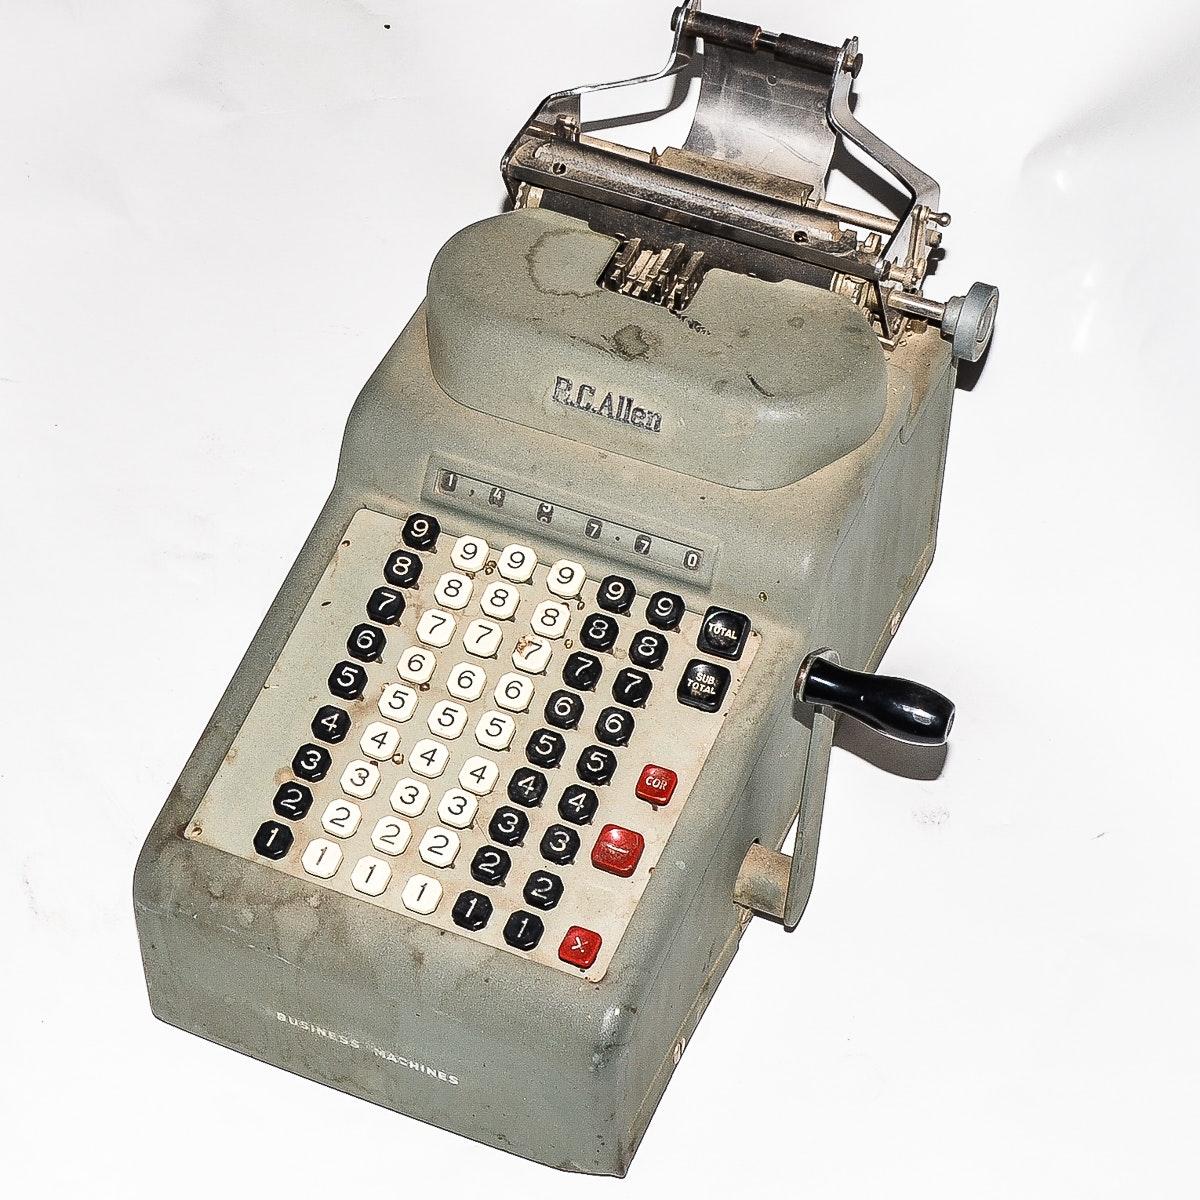 Vintage R.C. Allen Adding Machine